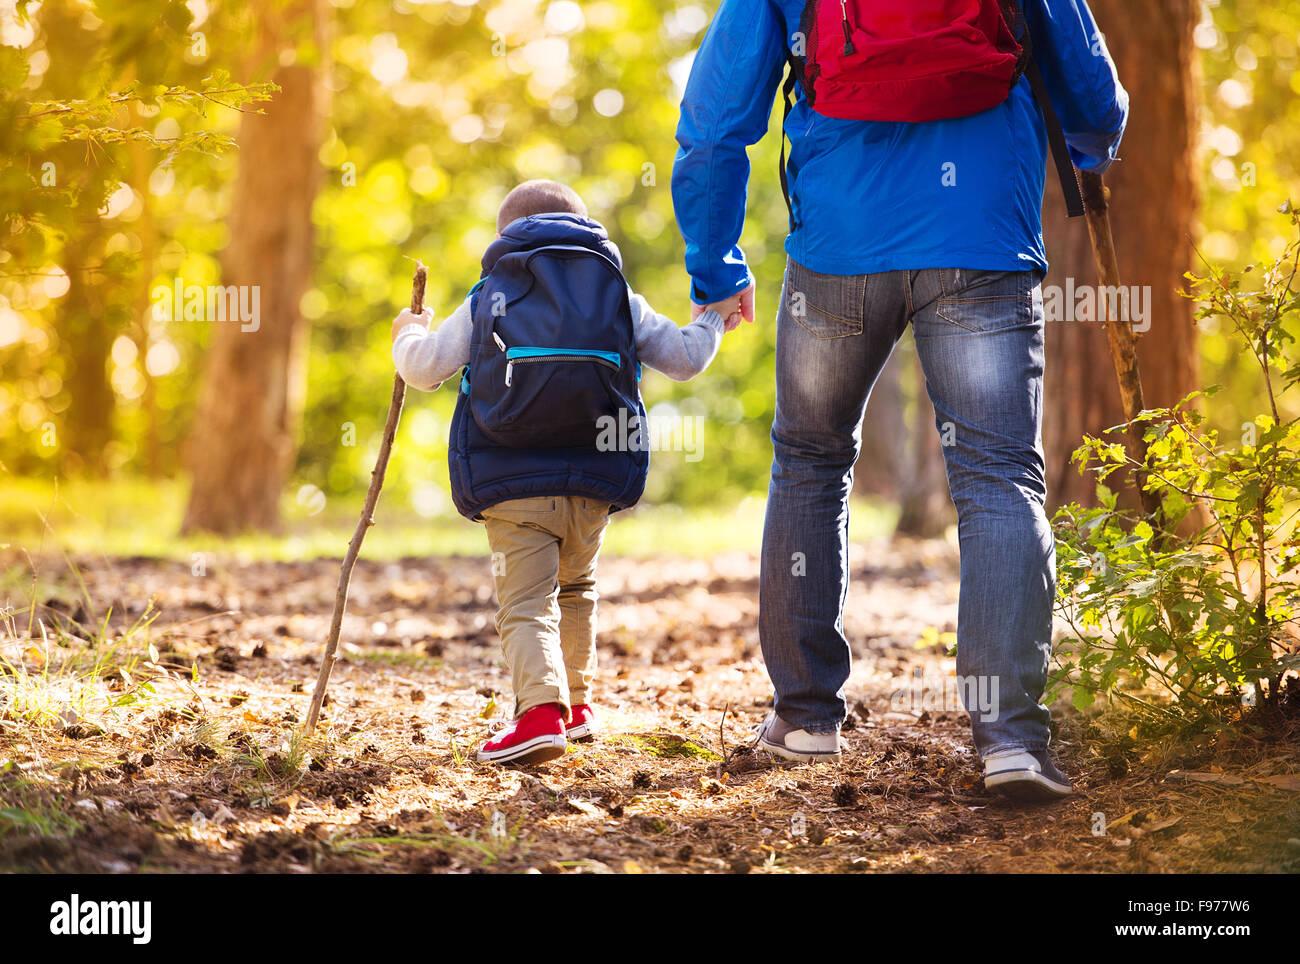 Vater und Sohn zu Fuß während der Aktivitäten Wandern im herbstlichen Wald bei Sonnenuntergang Stockbild